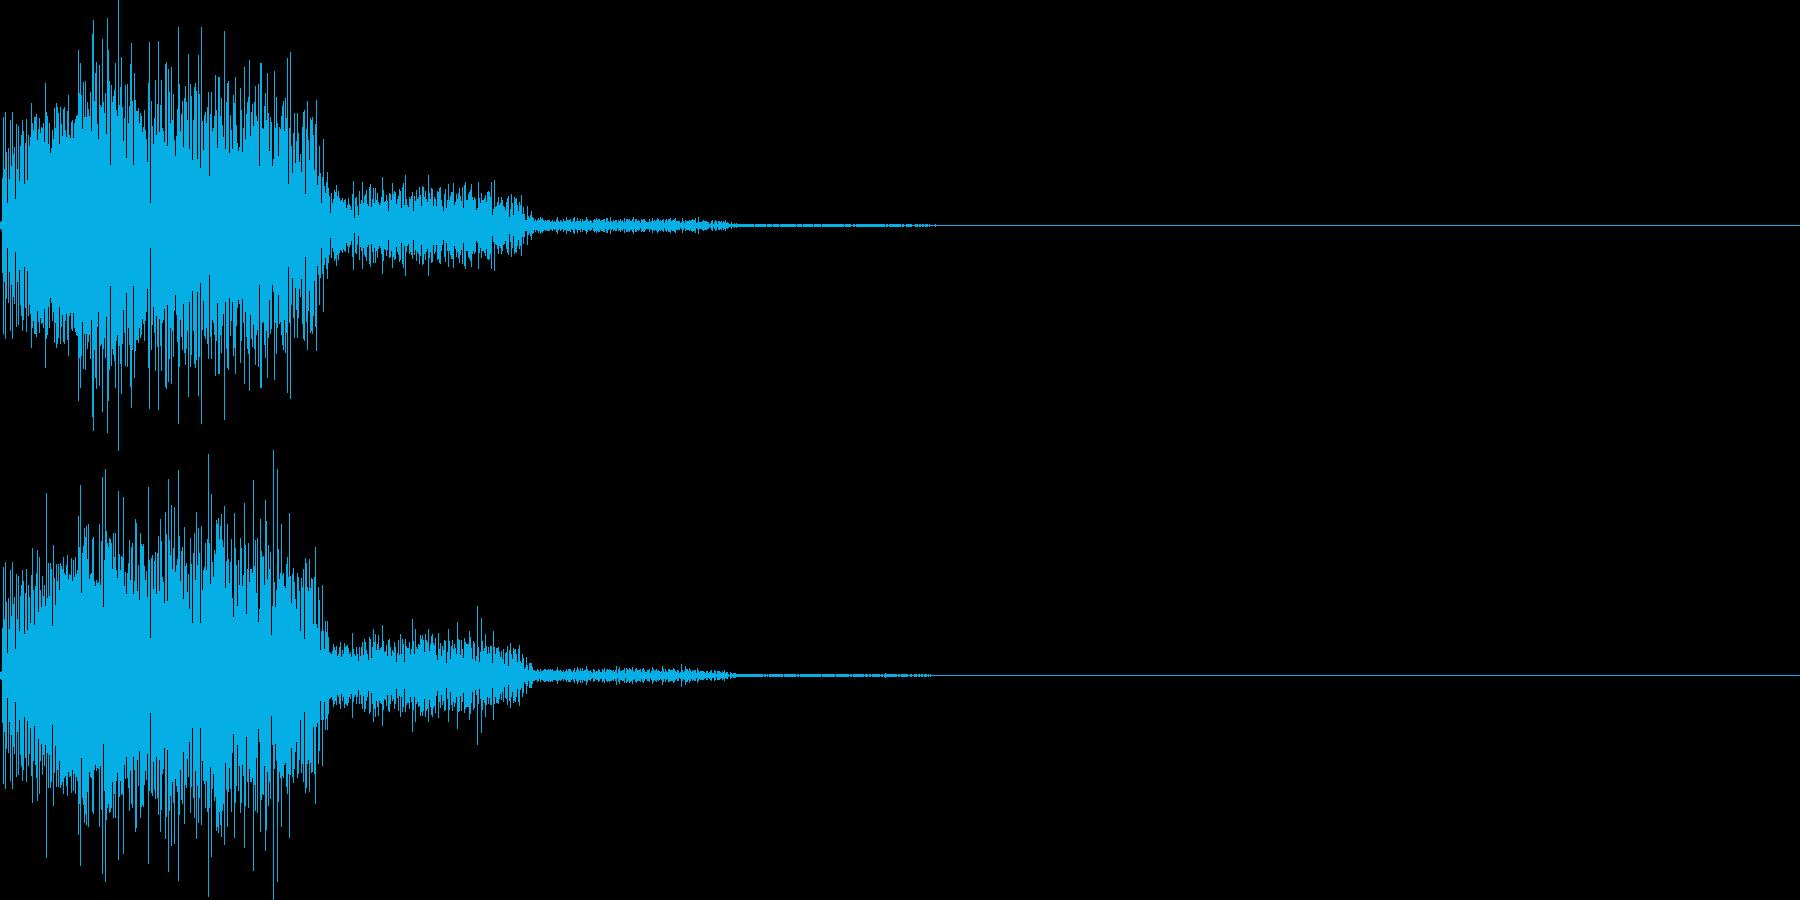 システム音42_シンセYKの再生済みの波形